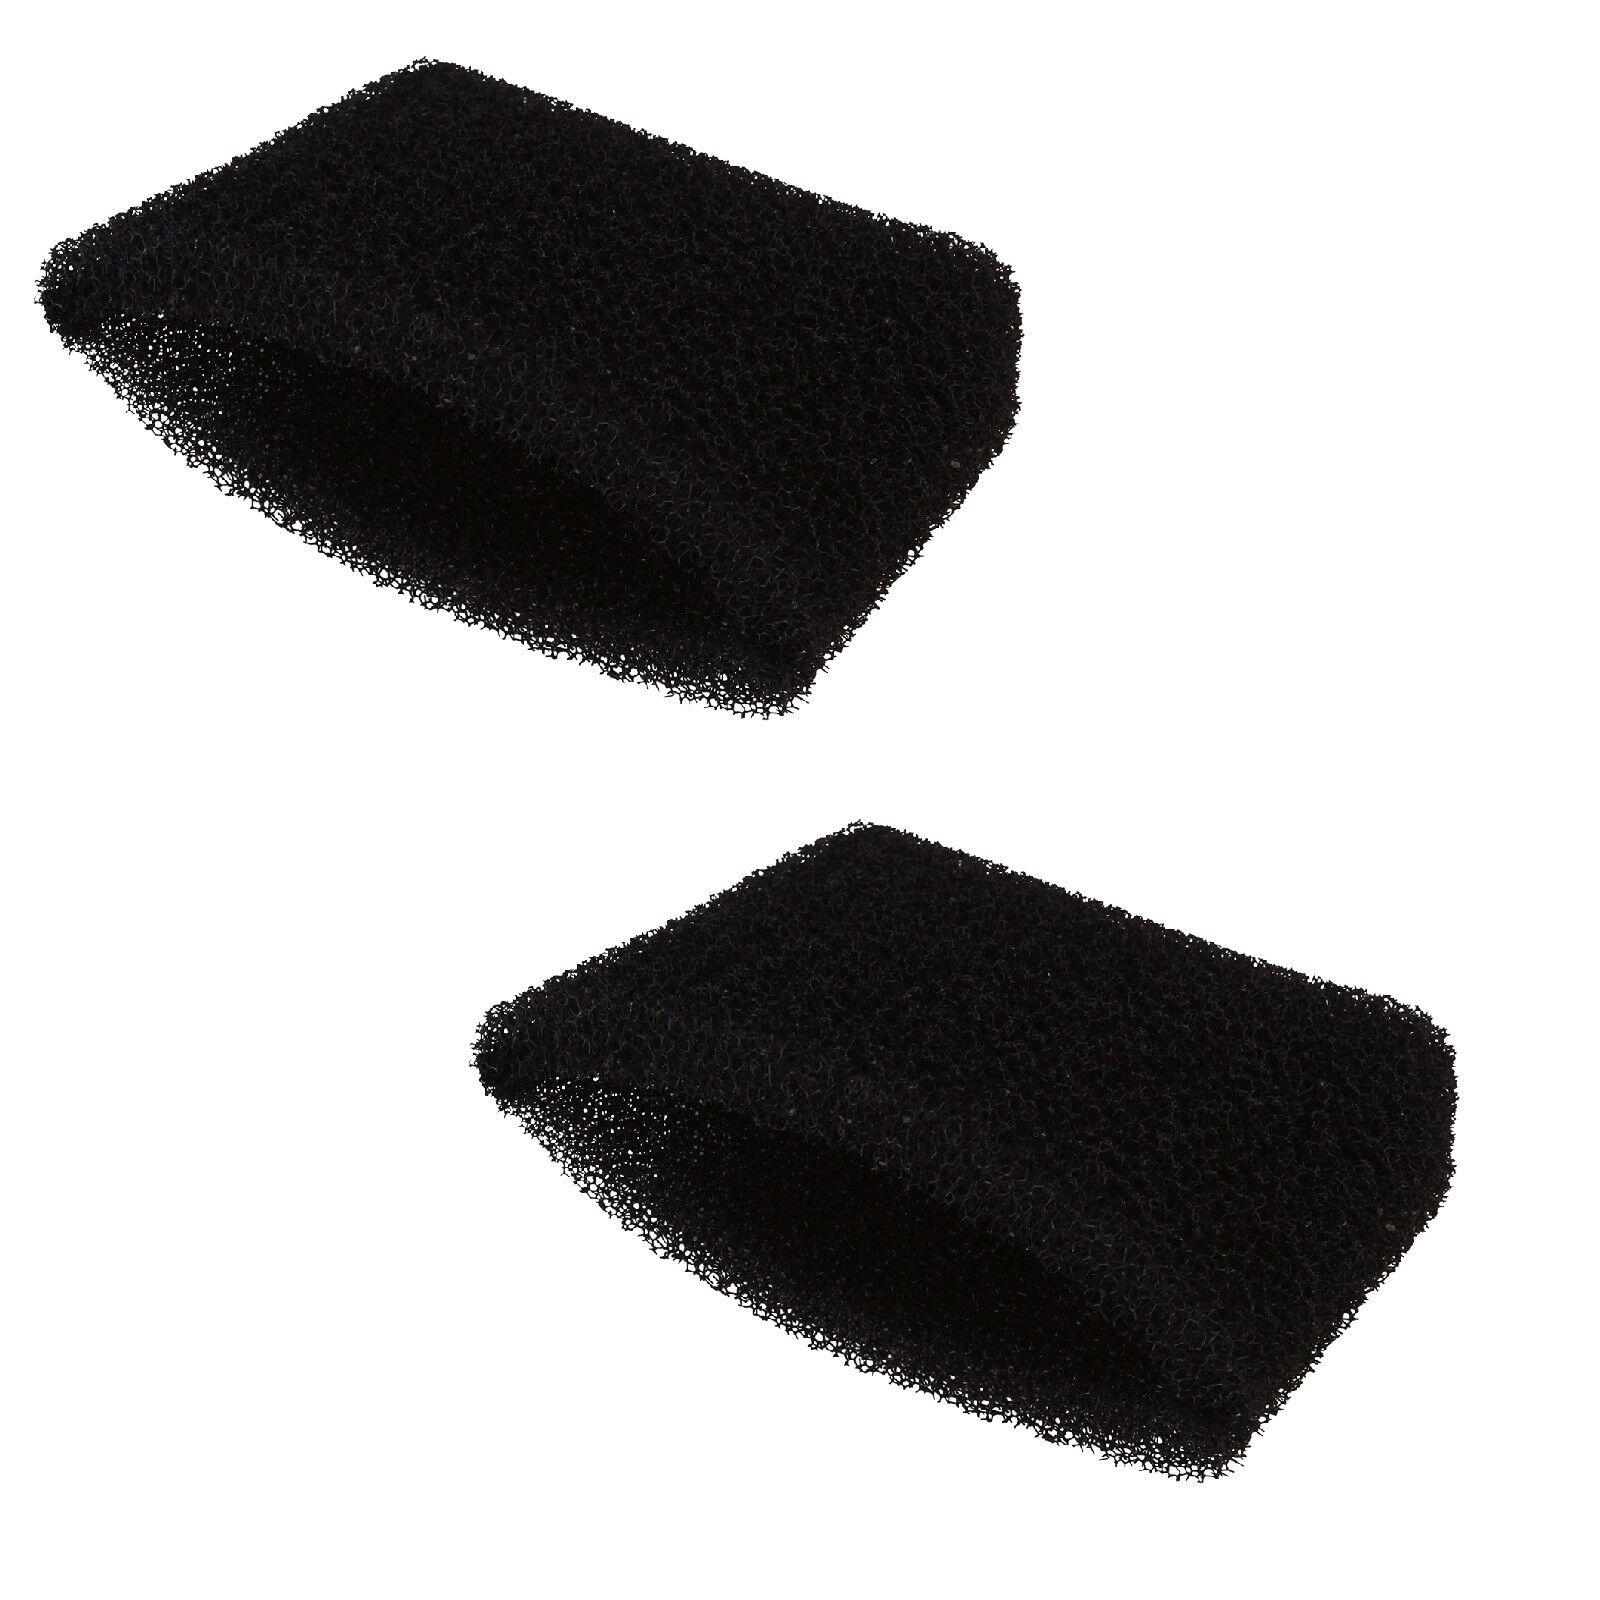 Details about VAX RAPIDE V022 V023 V024 V025 FOAM FLOAT FILTERS x2